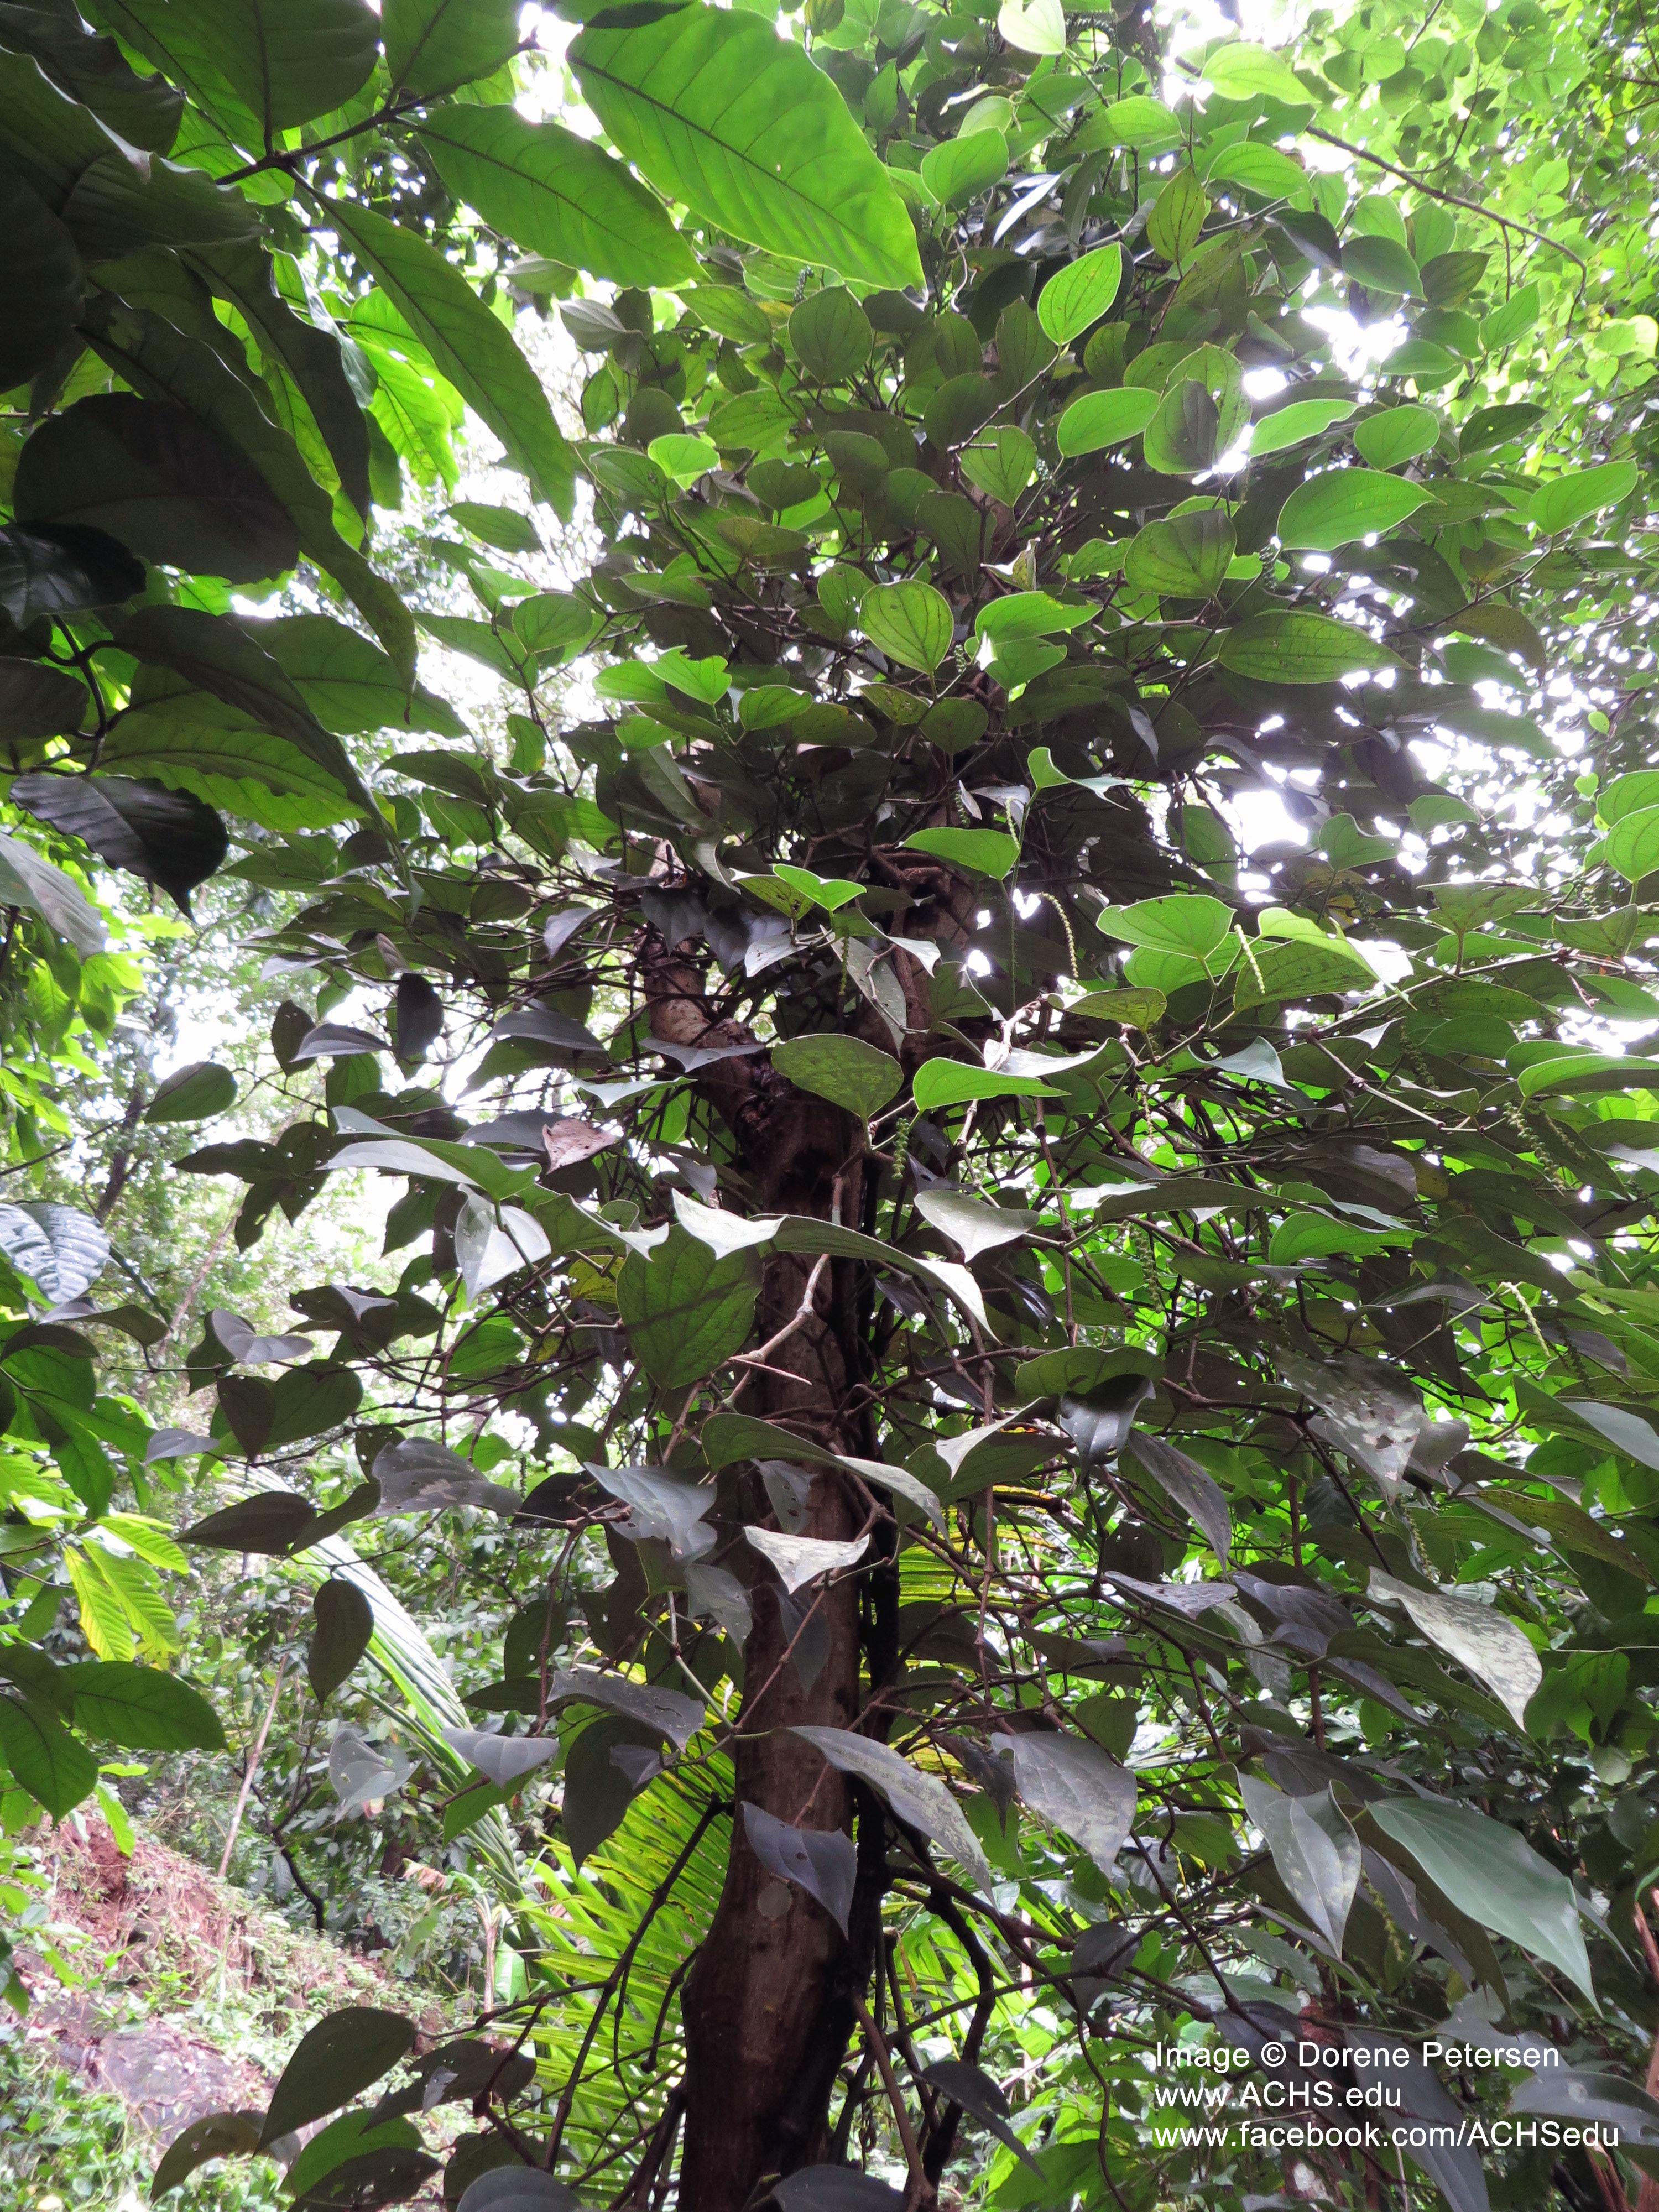 Black Pepper Oil in Southern India | achs edu